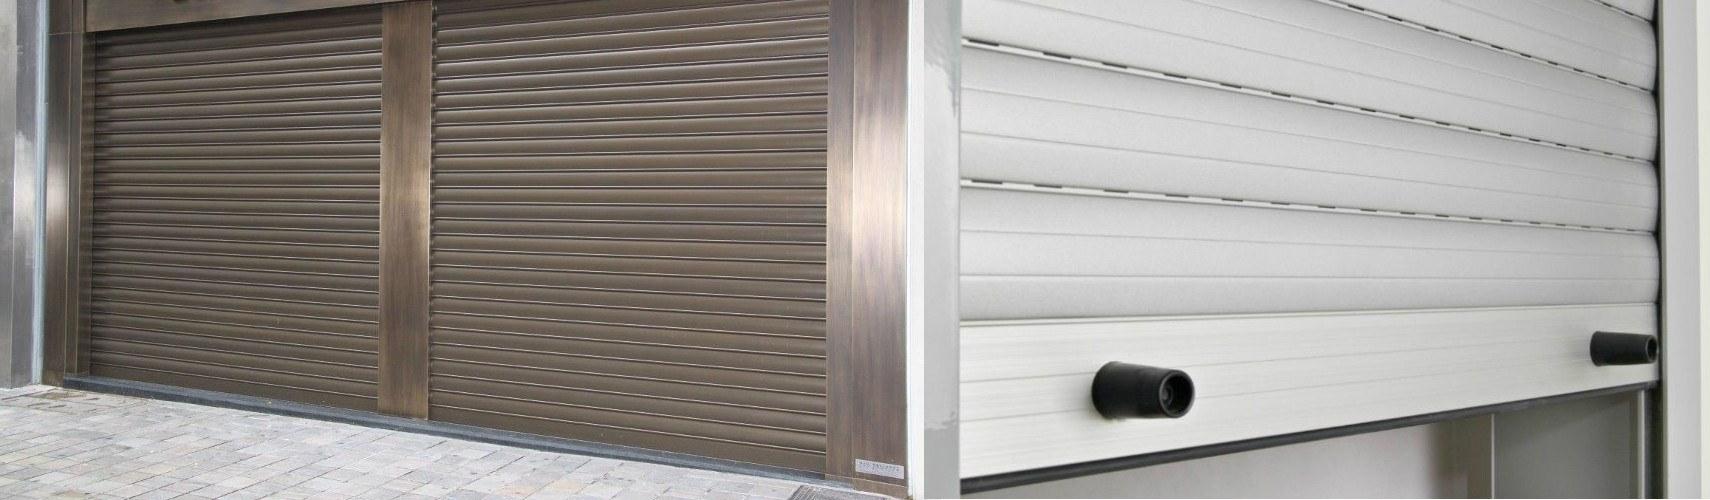 instalacion reparacion persianas - Instalacion persianas badalona reparacion persianas badalona